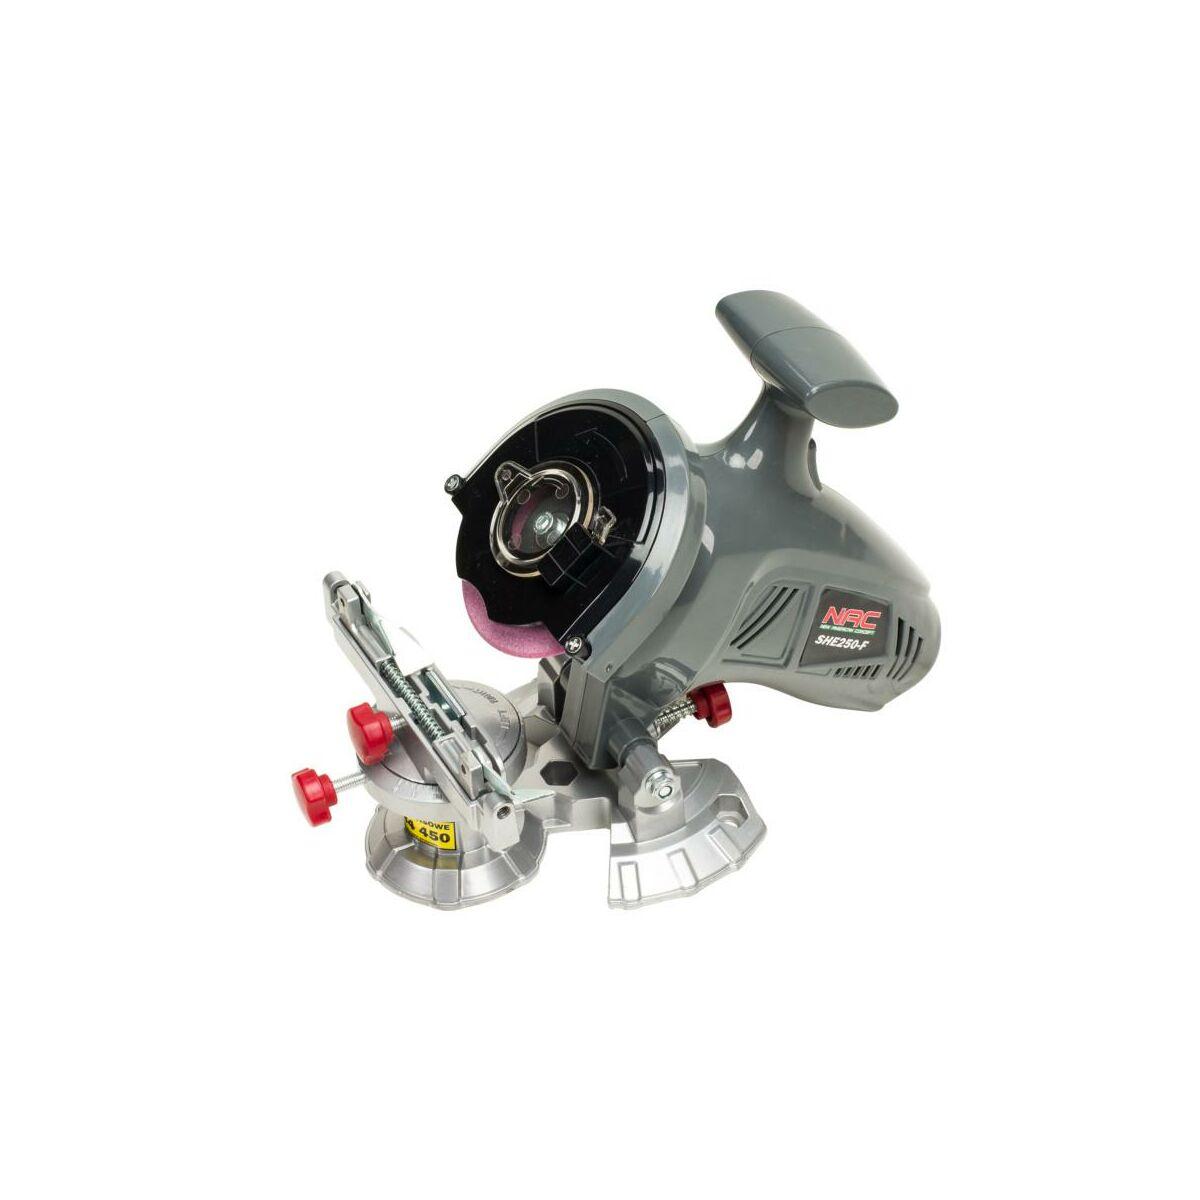 Ostrzalka Elektryczna Do Lancuchow 250 W Nac She250 F Lancuchy Pilniki Prowadnice Do Pilarek W Atrakcyjnej Cenie W Sklepach Leroy Merlin